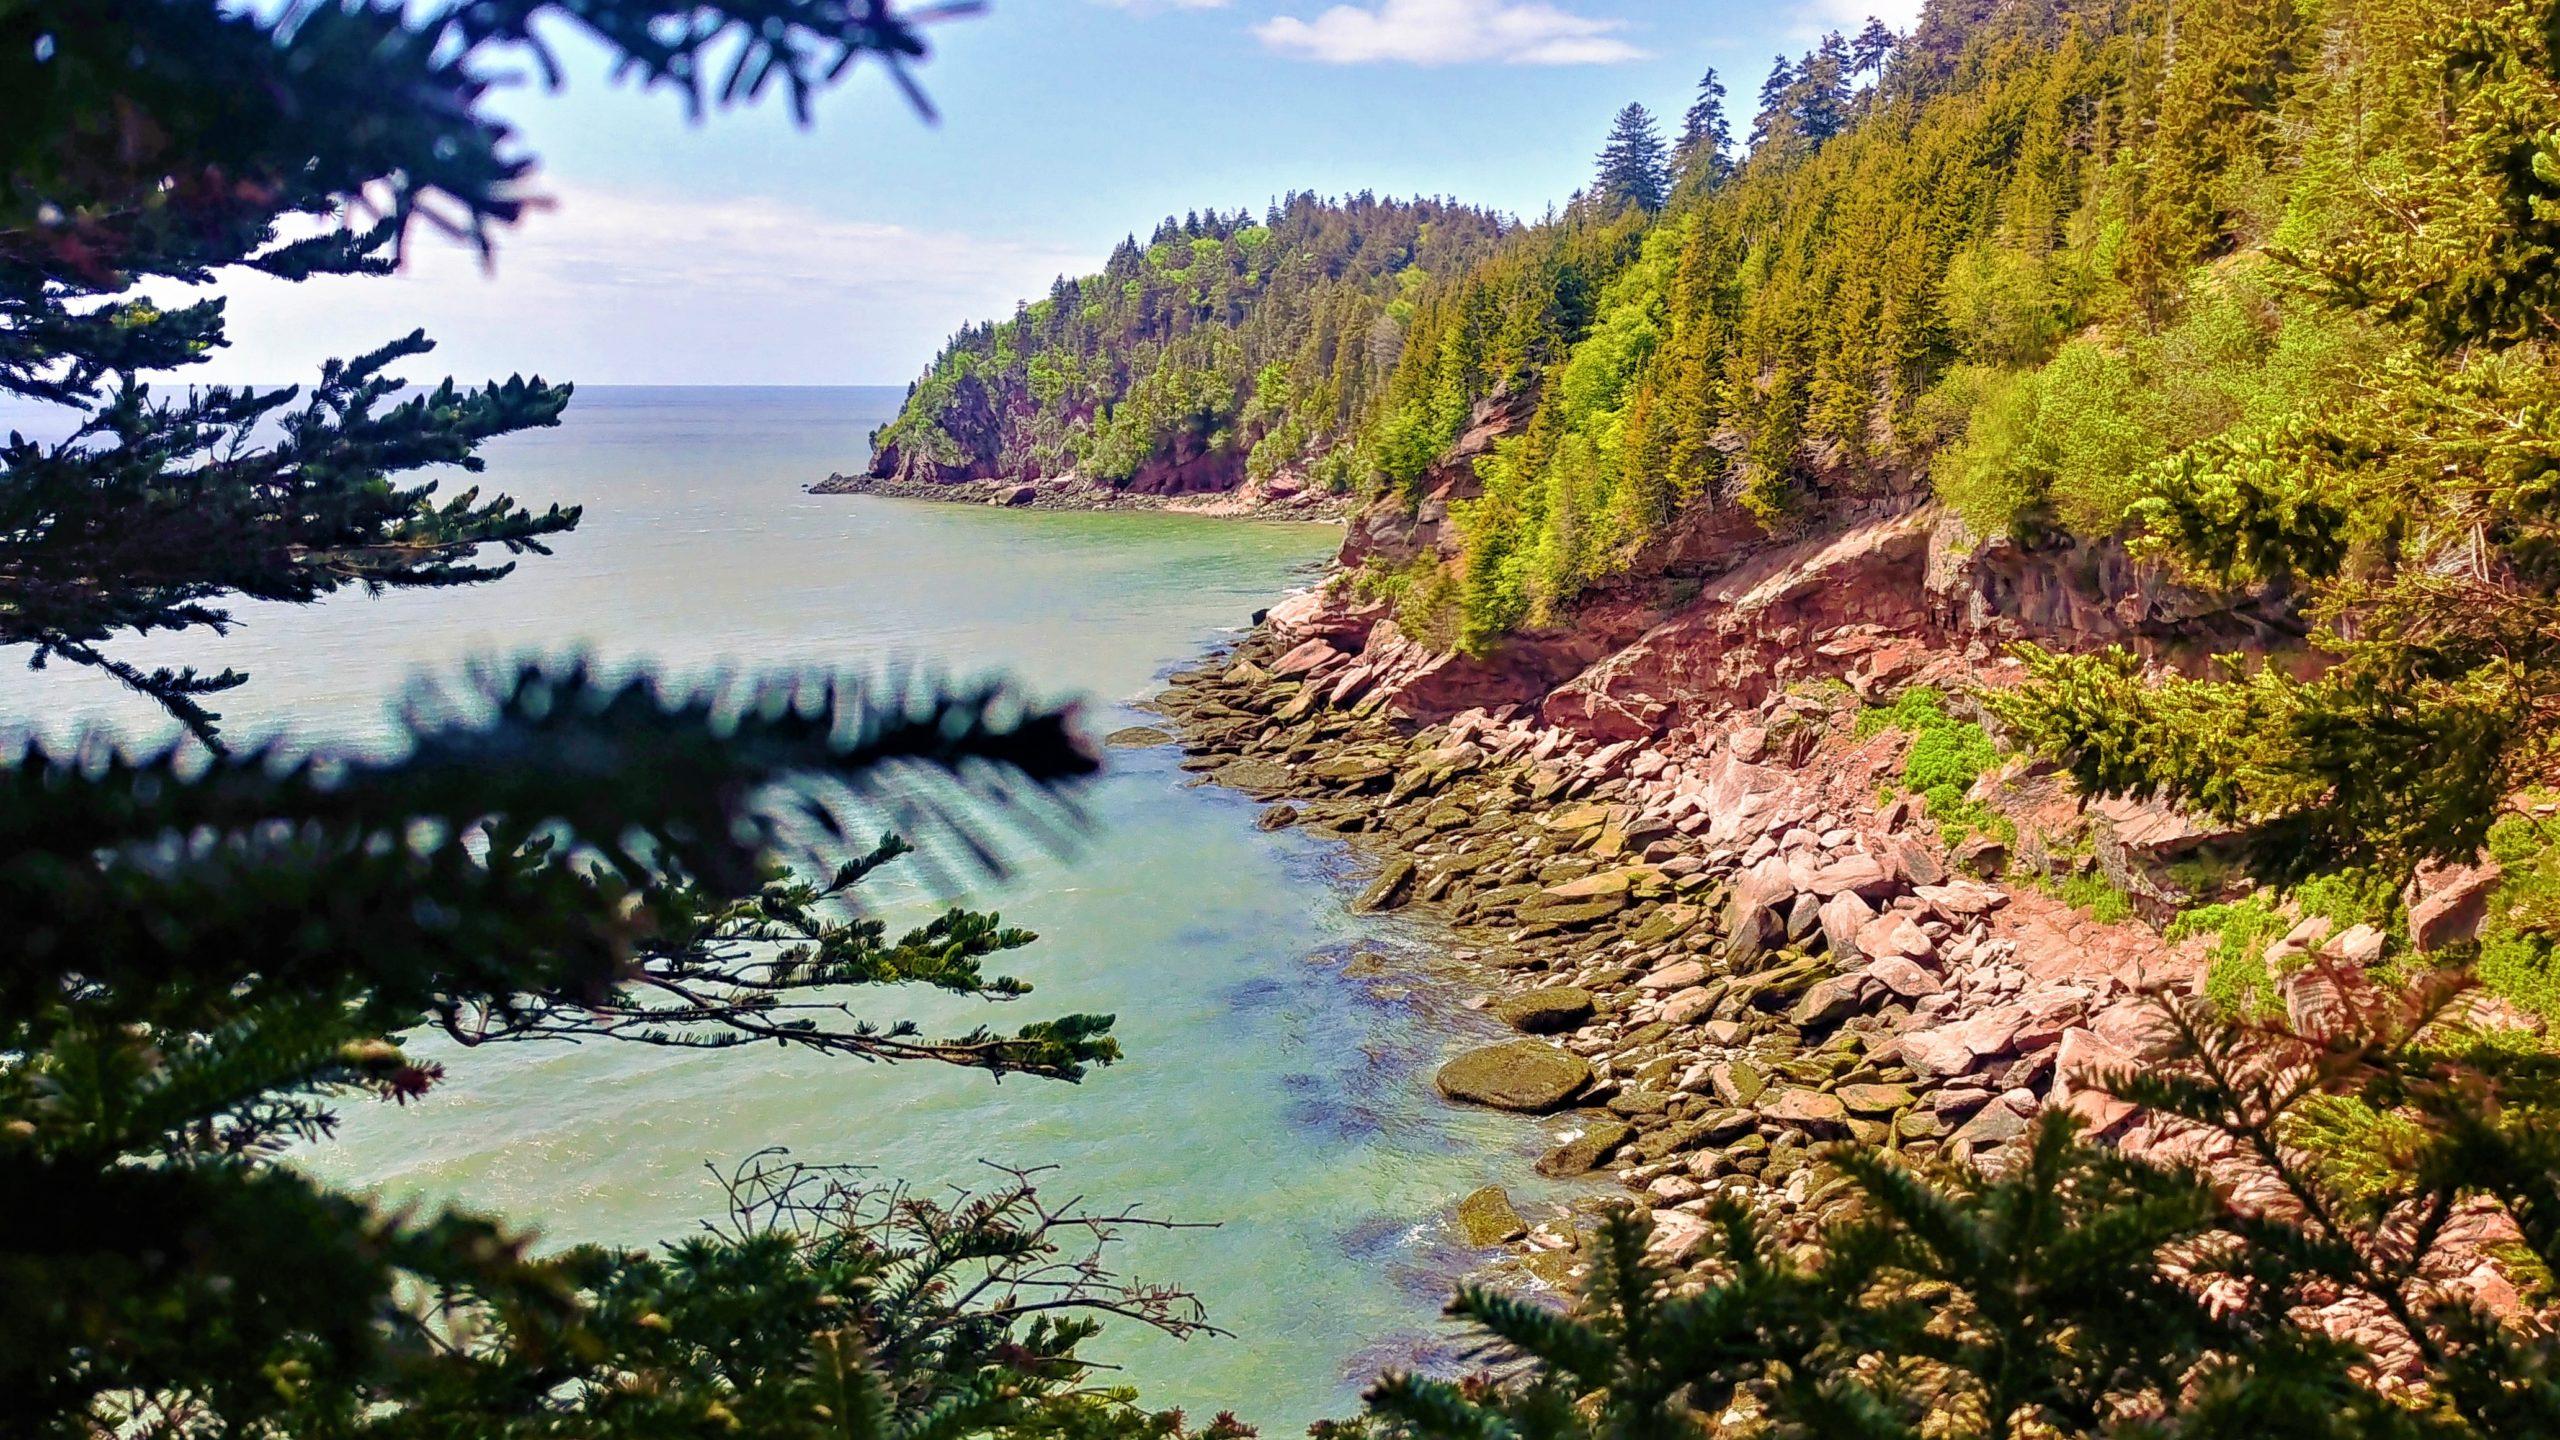 Parc national Fundy randonnée Nouveau-brunswick canada blog voyage arpenter le chemin